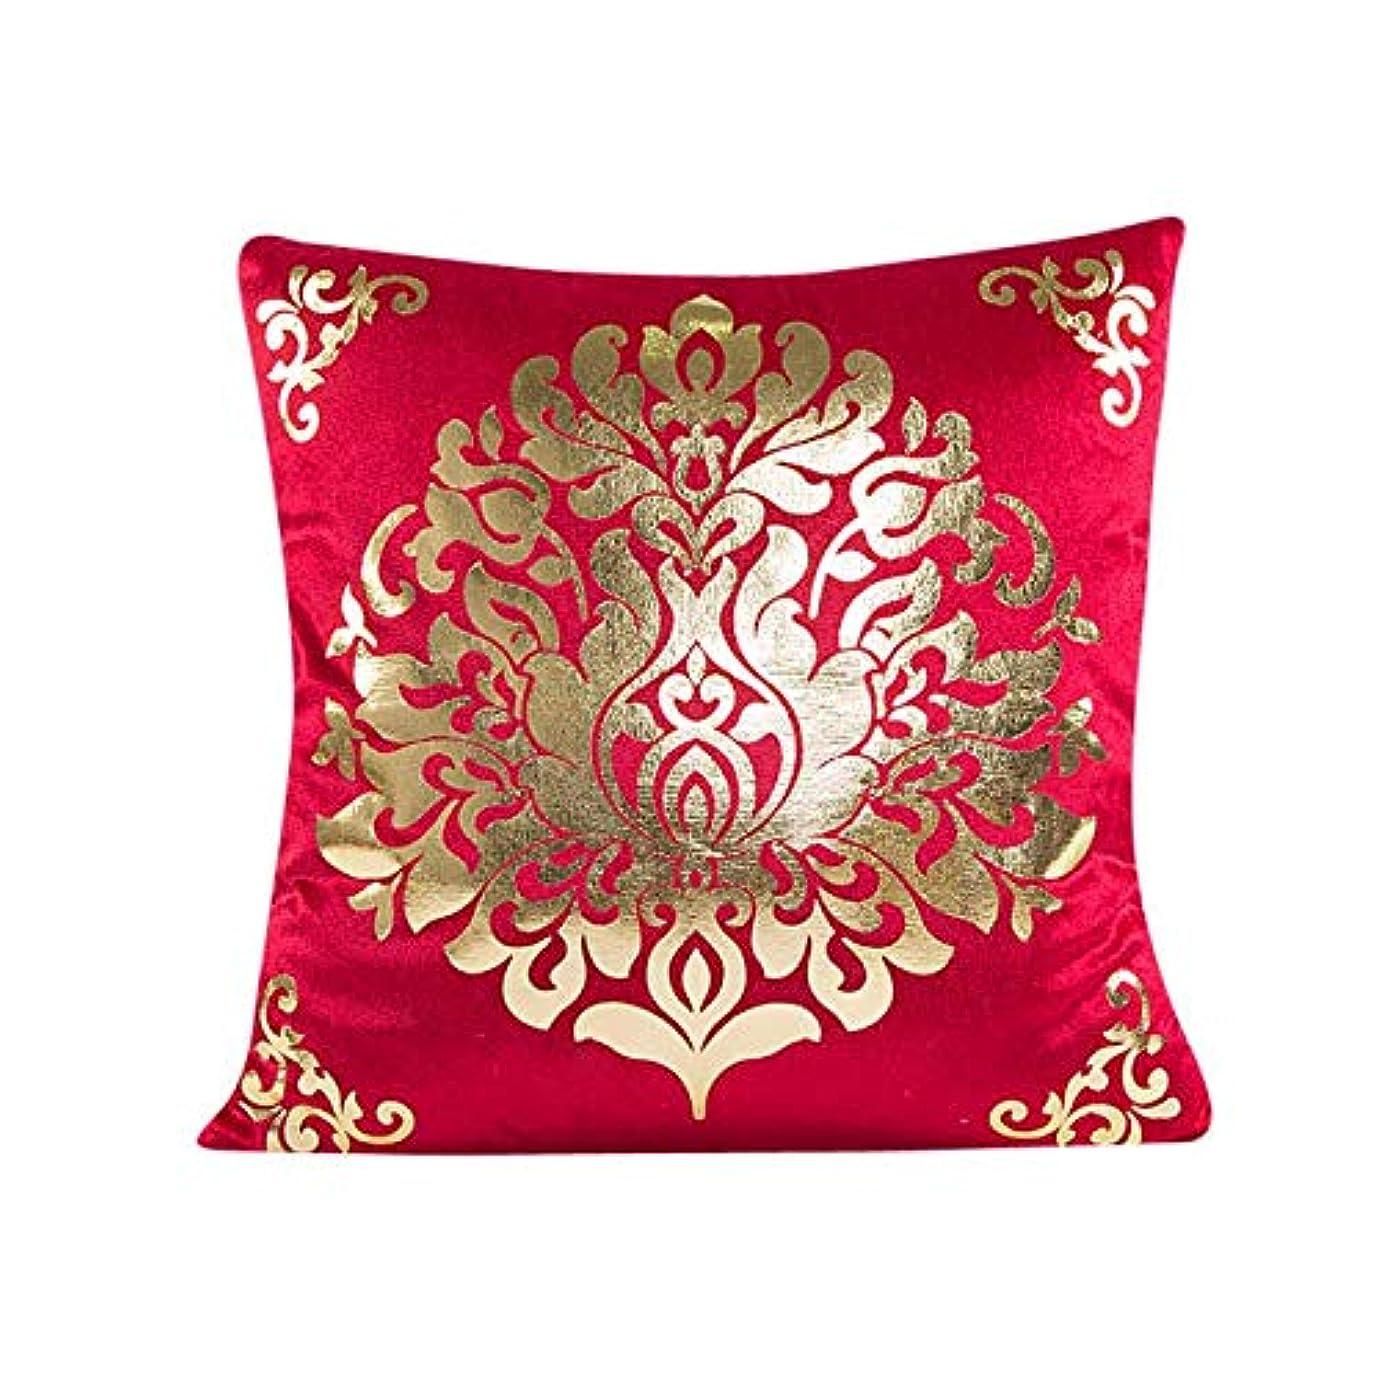 印象活性化する小麦粉LIFE MUQGEW ホット販売クラシック枕ソファ投げるクッション家の装飾 coussin ホームクッション クッション 椅子